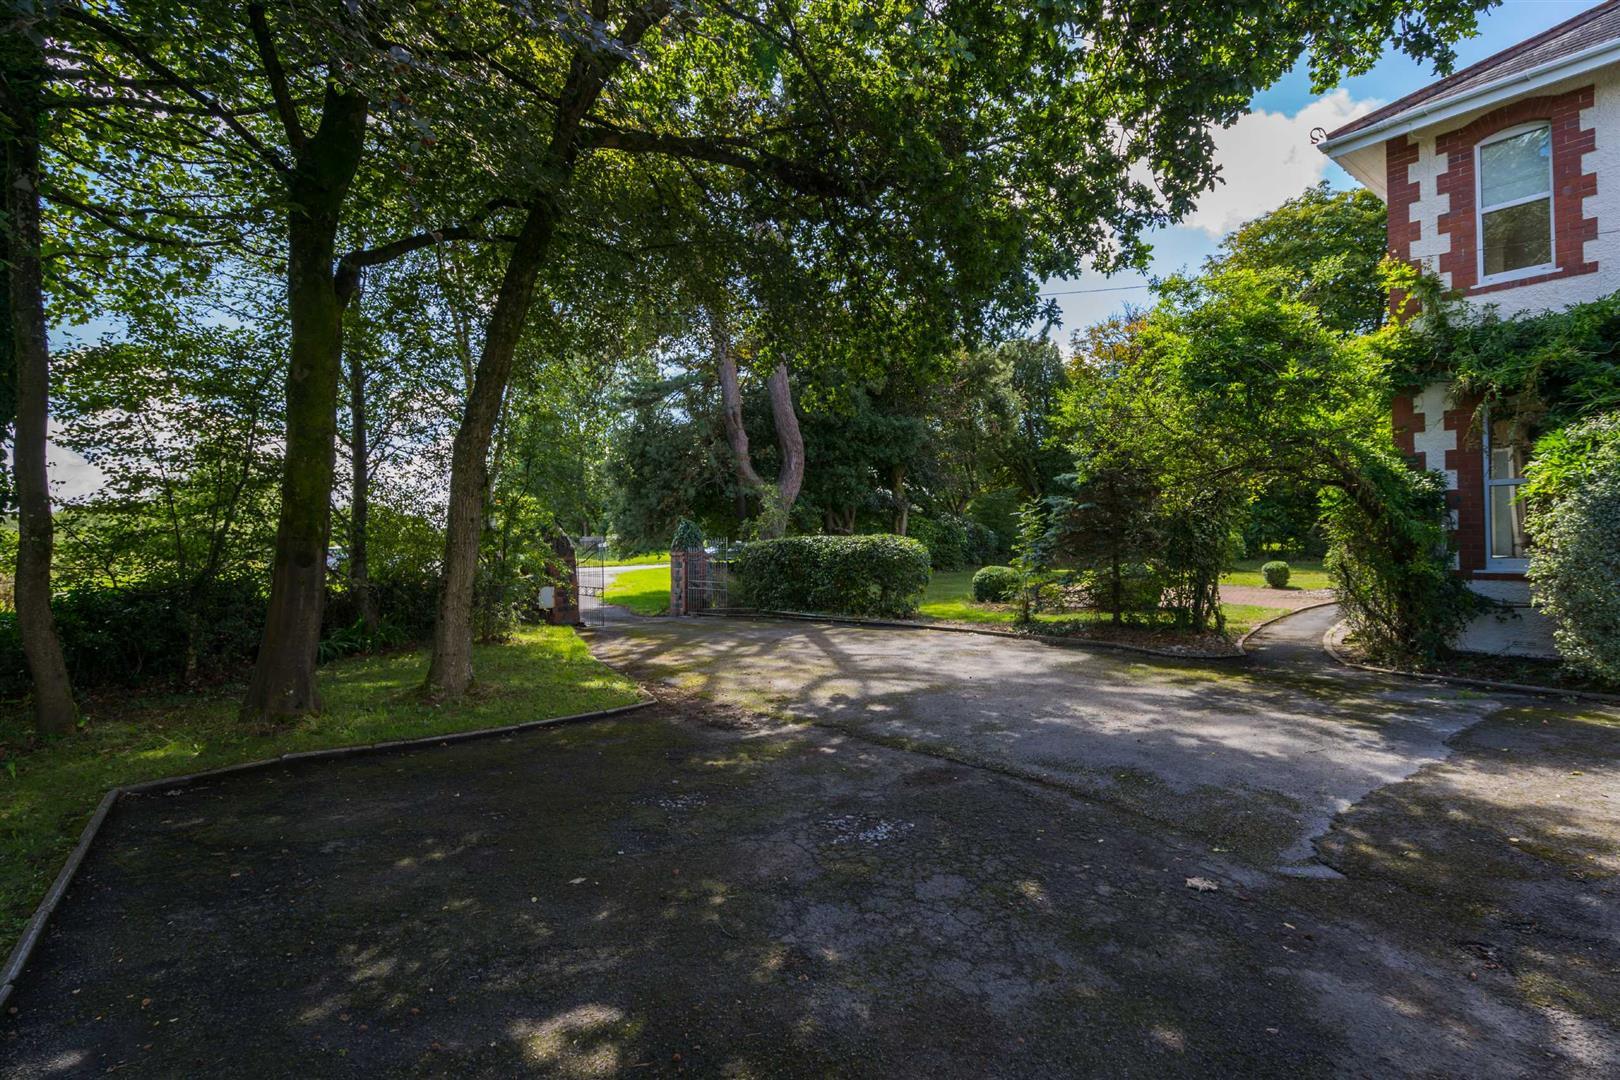 Ryelands, Northway, Swansea, SA3 3JN